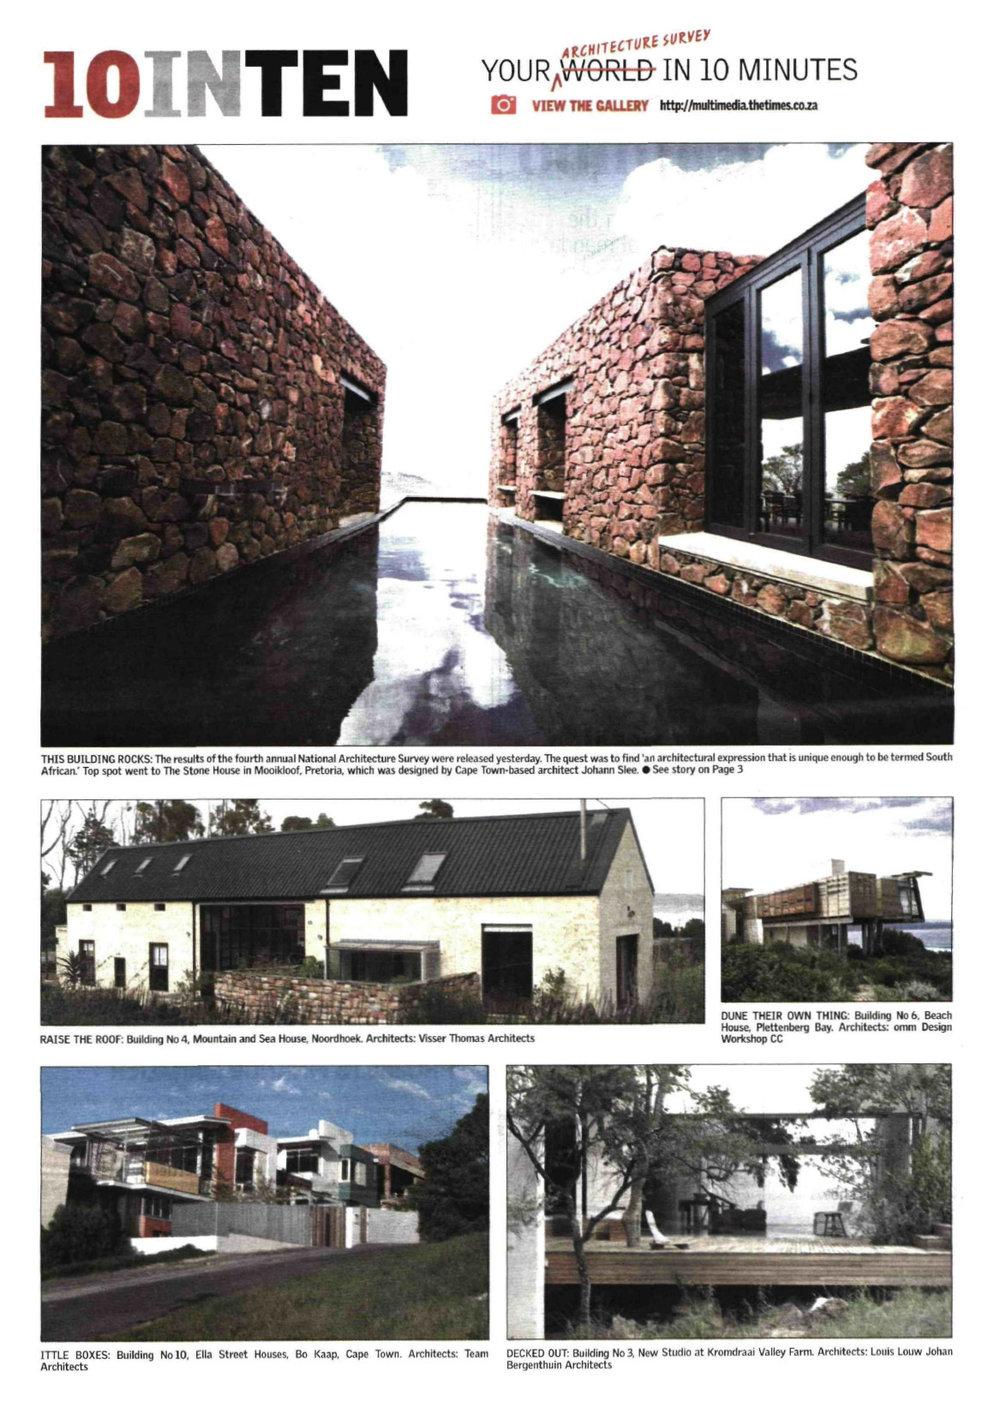 10-In-Ten-Stone-House-01.jpg